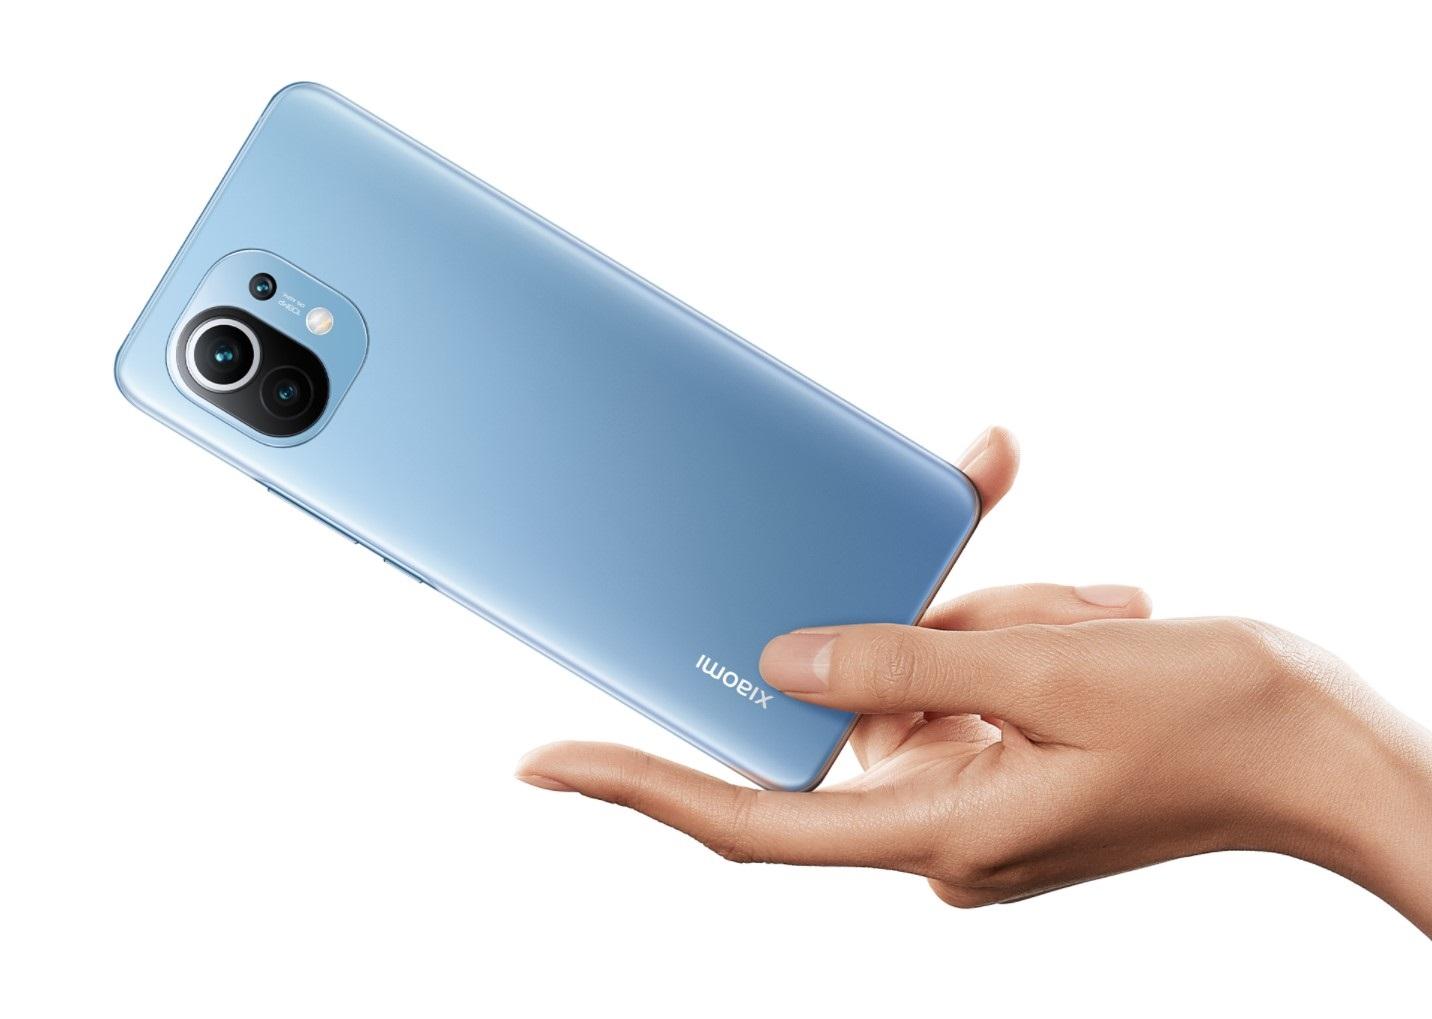 Xiaomi Mi 11 Europreise geleakt: Gesalzene Aufpreise für internationale Xiaomi-Fans - Notebookcheck.com